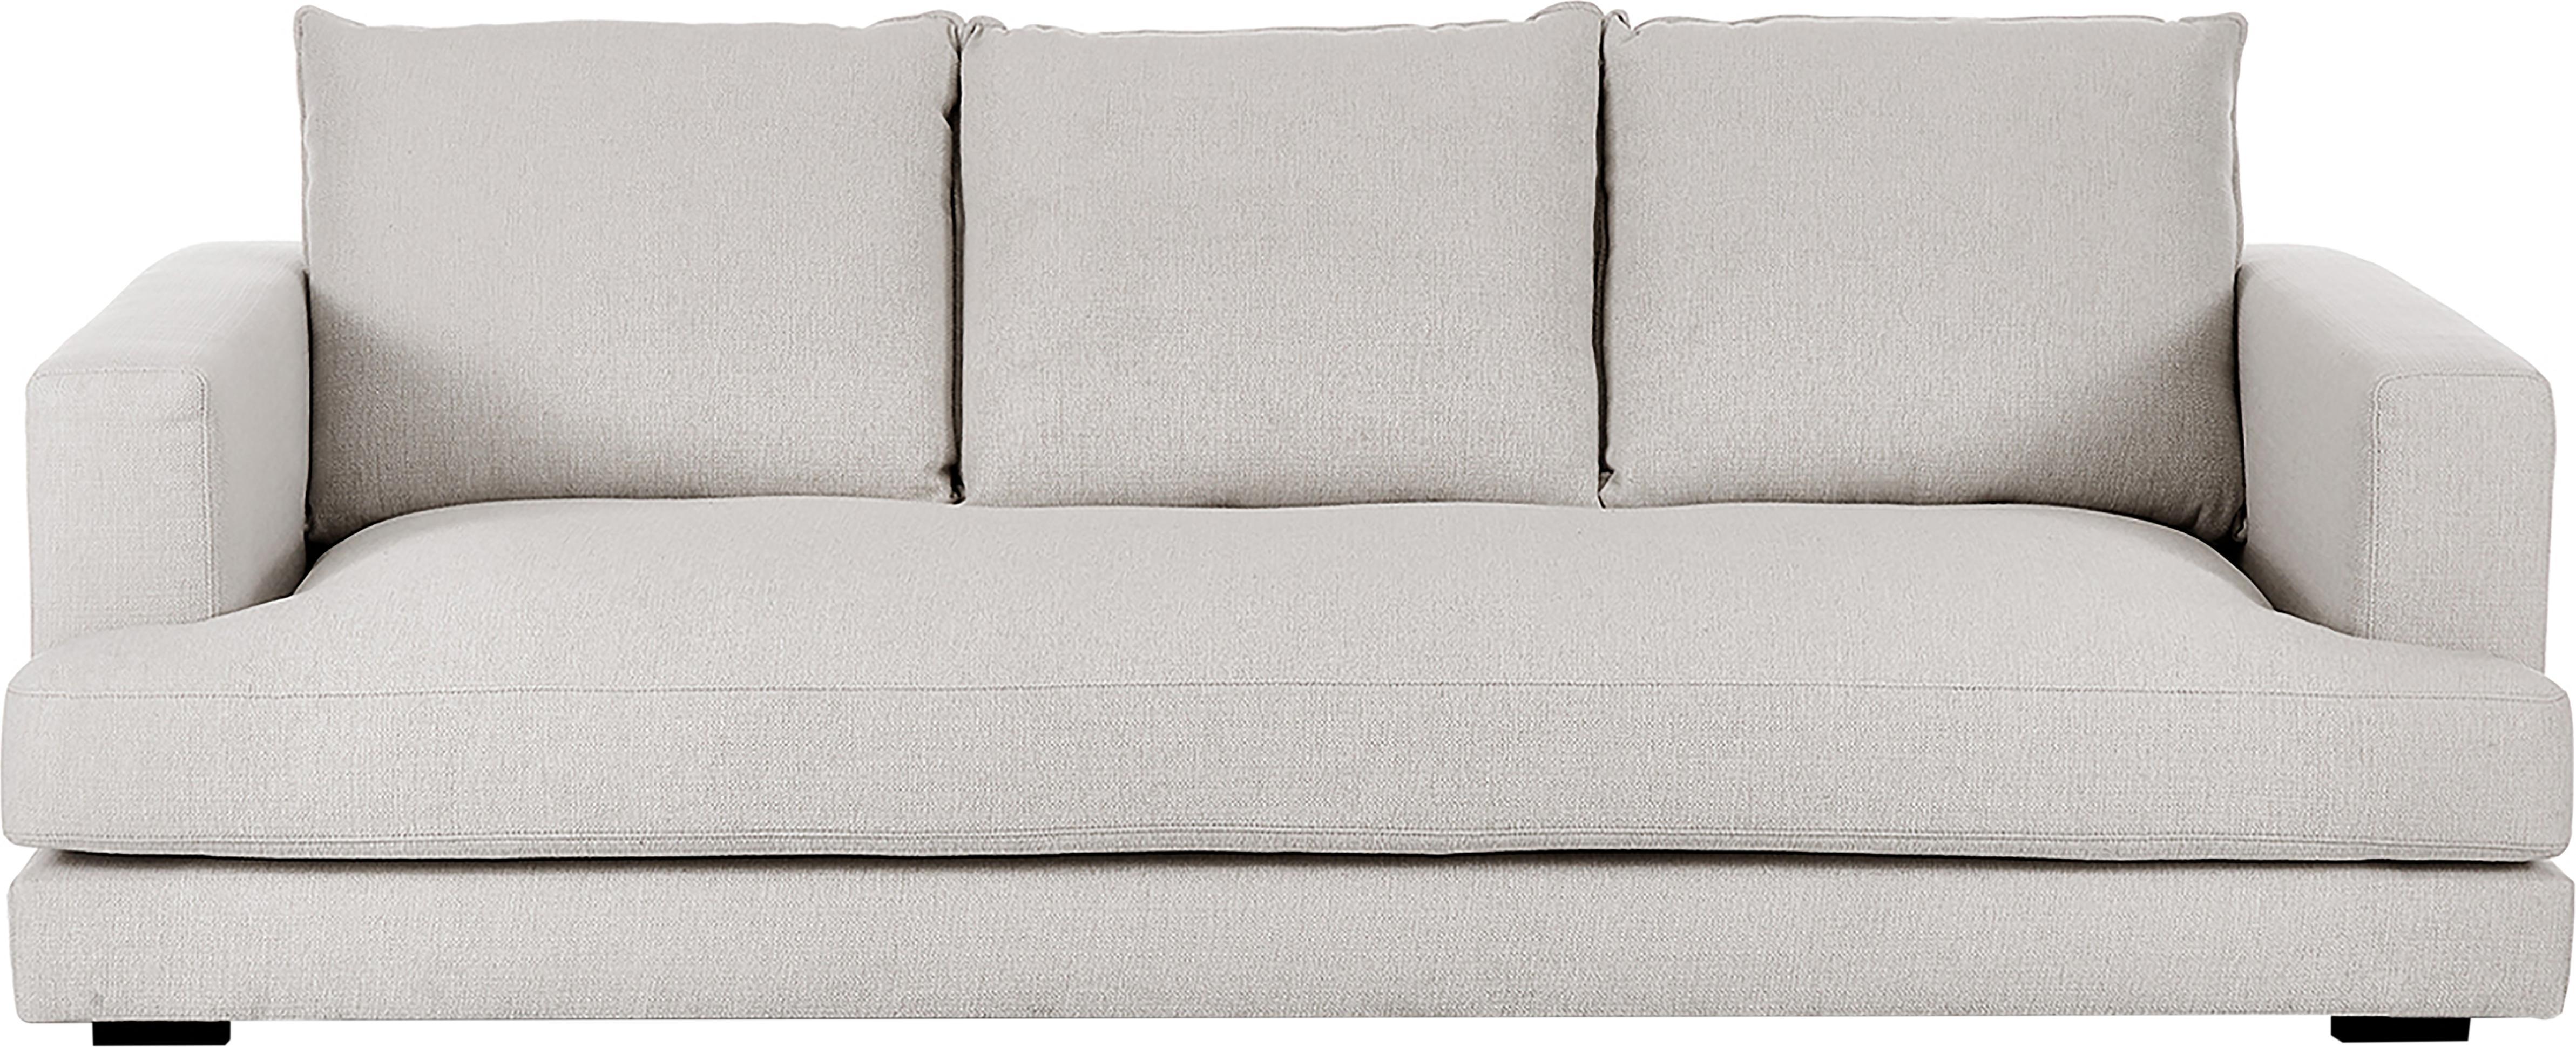 Sofa Tribeca (3-Sitzer), Bezug: Polyester 25.000 Scheuert, Sitzfläche: Schaumpolster, Fasermater, Gestell: Massives Kiefernholz, Webstoff Beigegrau, B 228 x T 104 cm